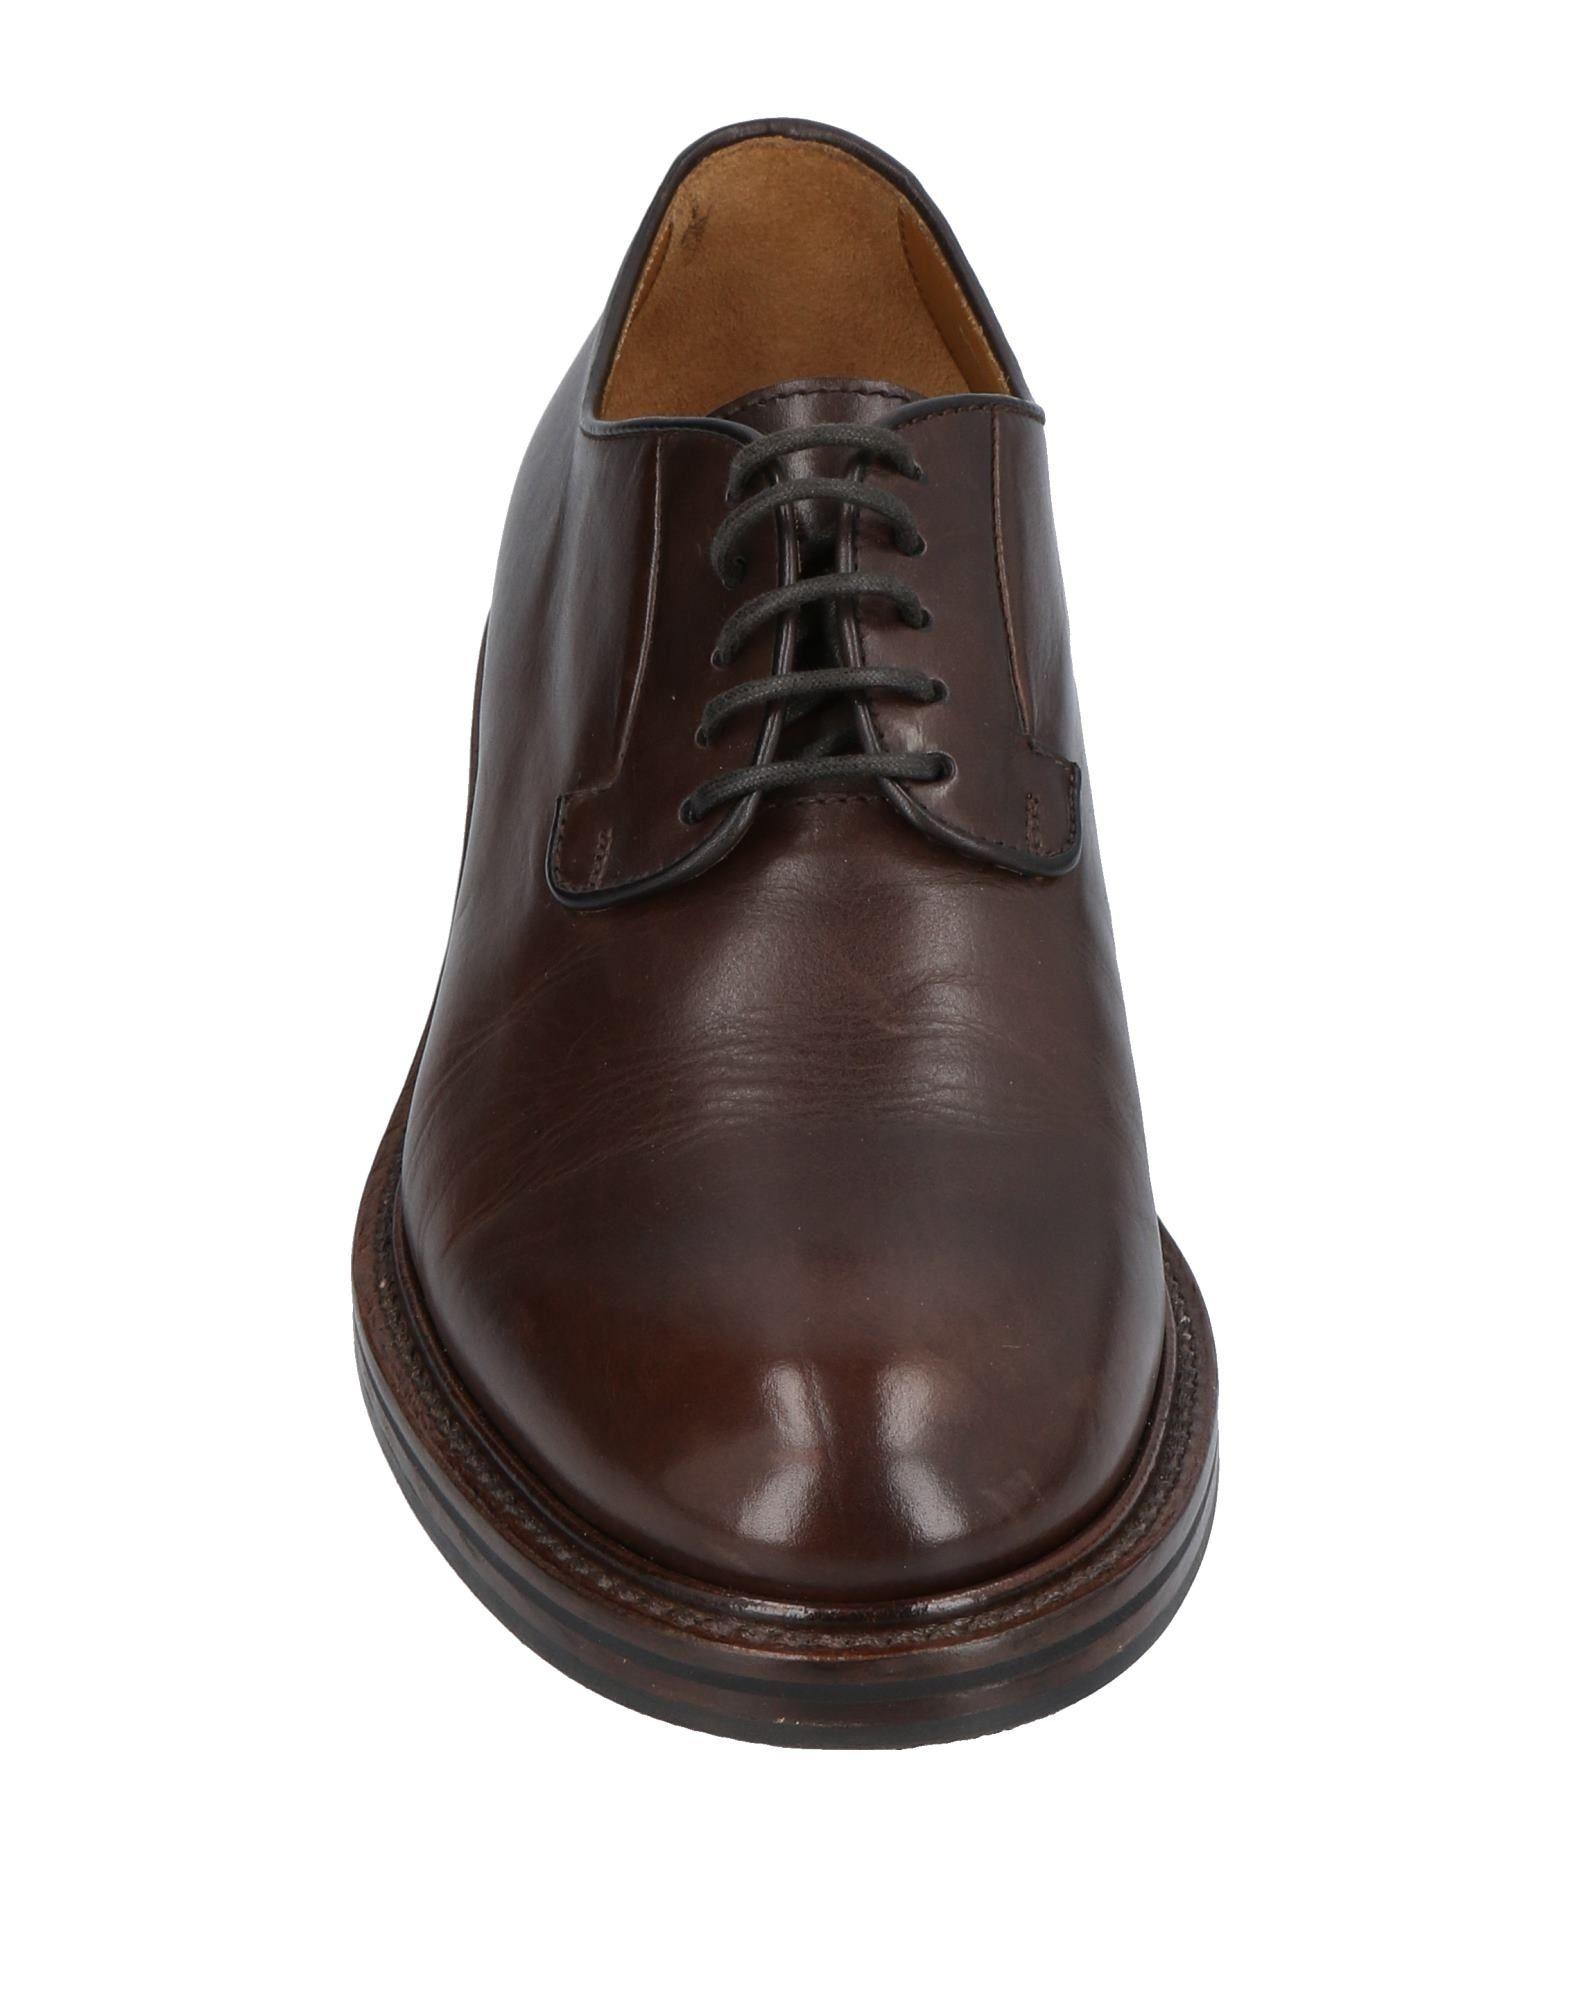 Herren Doucal's Schnürschuhe Herren   11462351QX Heiße Schuhe 9196ca